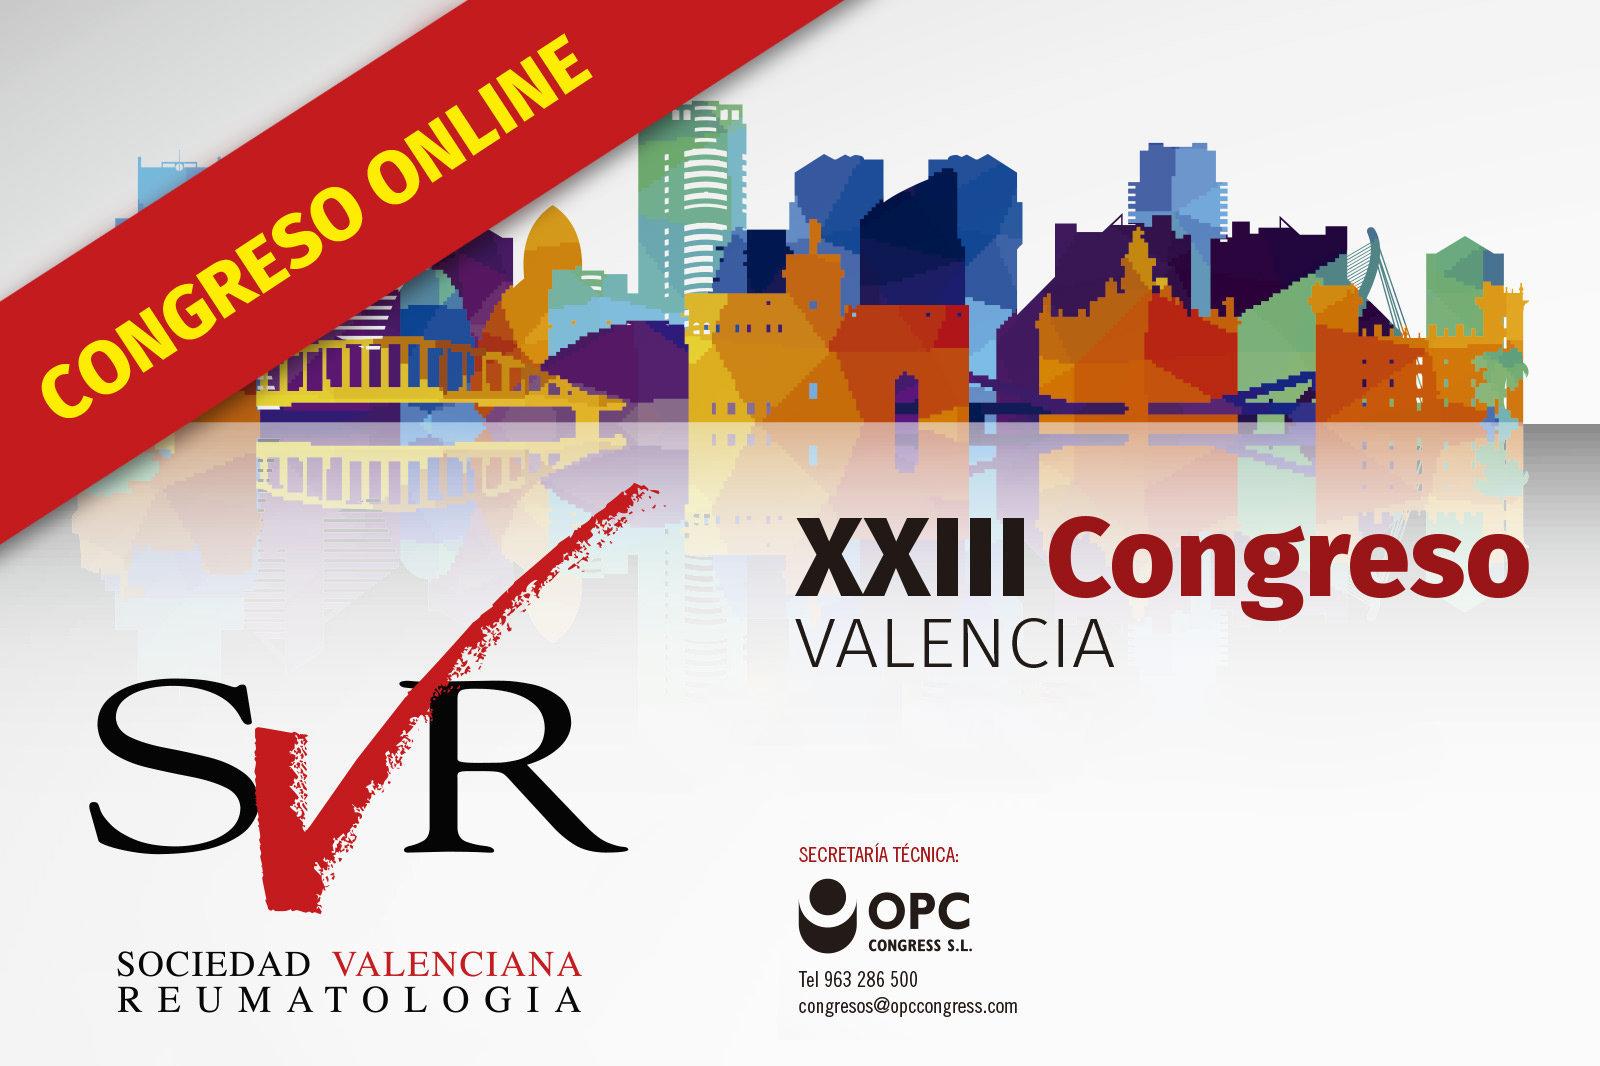 2020 – XXIII Congreso de la Sociedad Valenciana de Reumatología